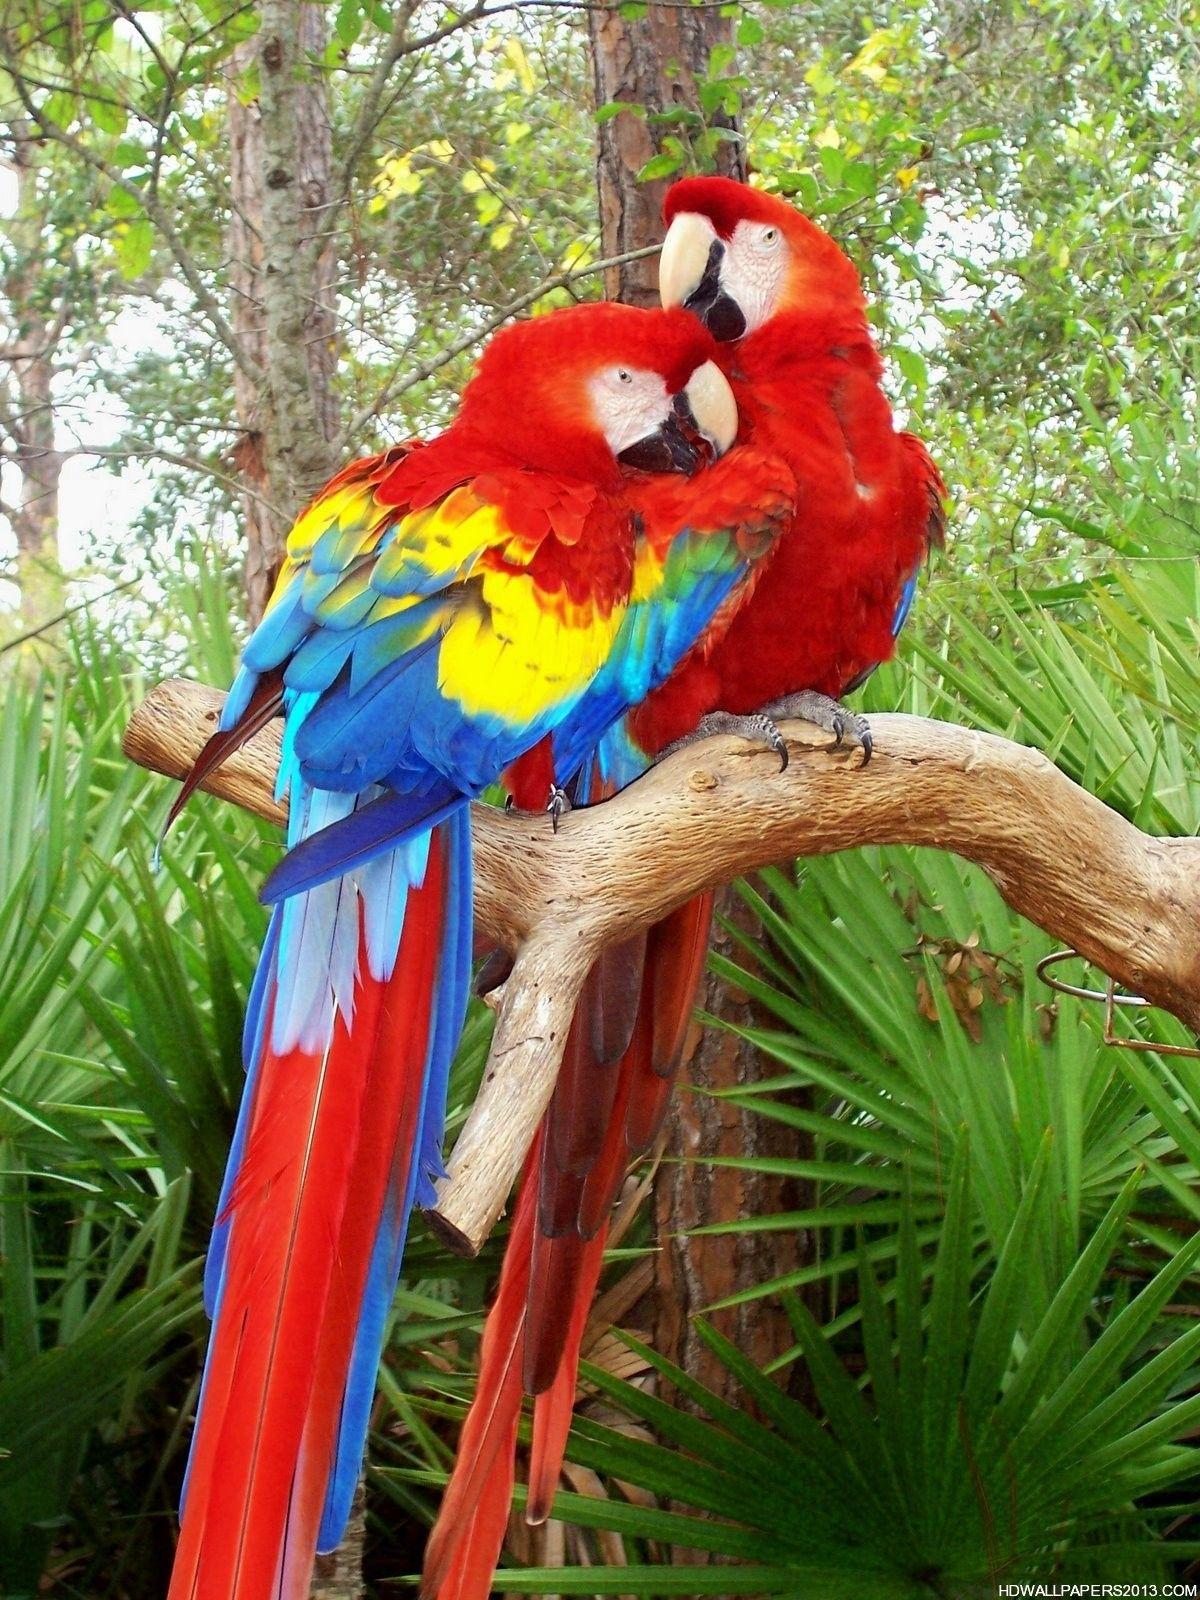 photos of birds Love Bird Parrot HD Wallpapers Love Bird 1200x1600